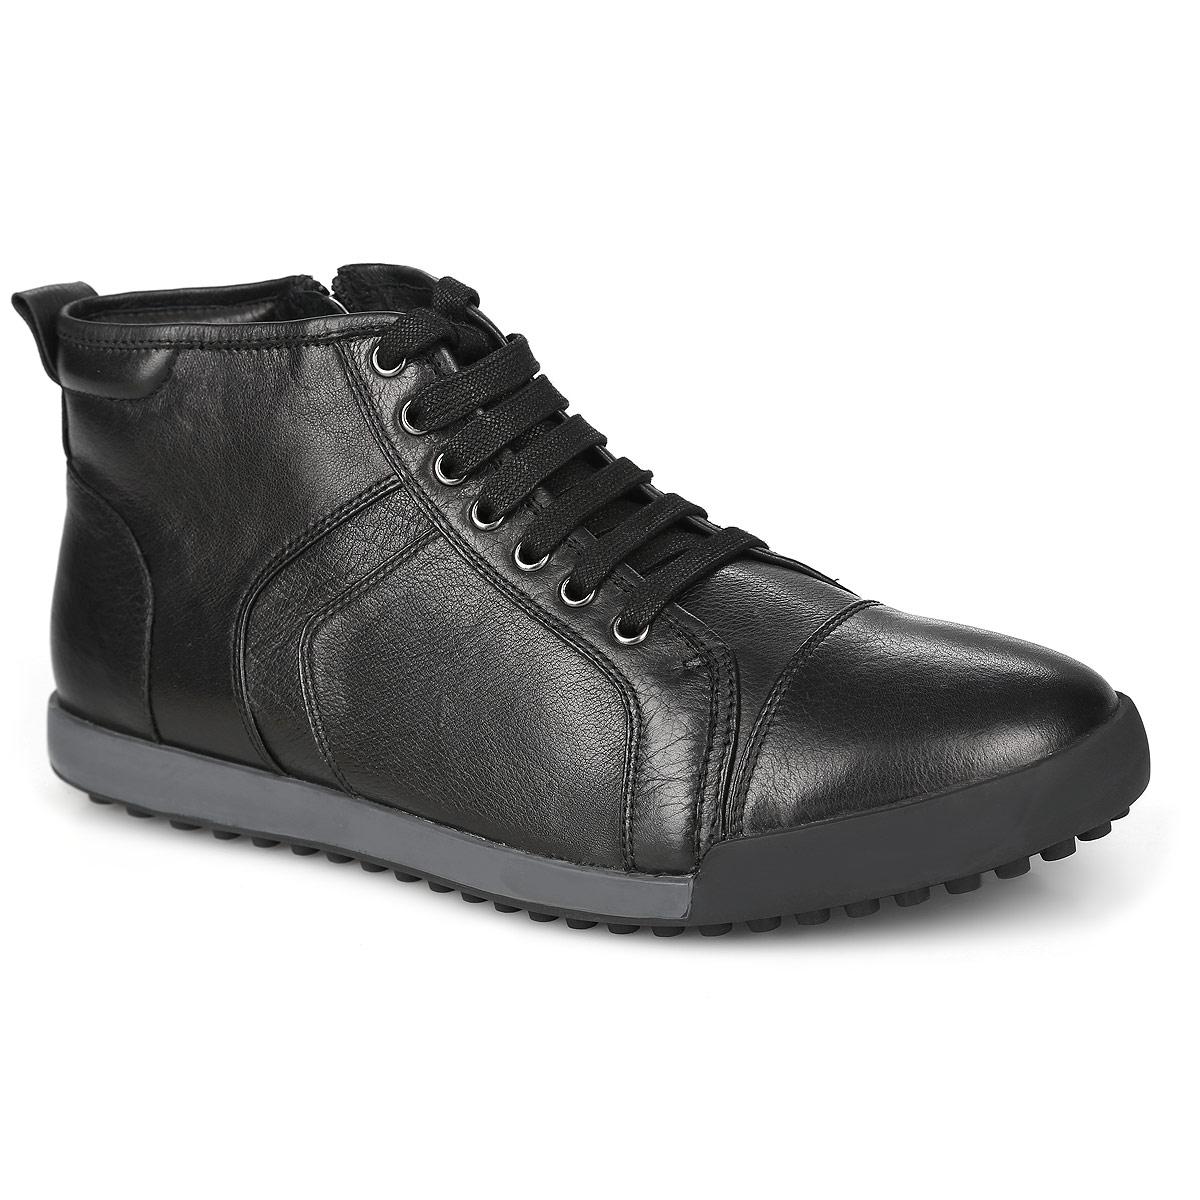 M23095Стильные мужские ботинки от Vitacci отличный вариант на каждый день. Модель выполнена из натуральной кожи. Подкладка и стелька - из мягкого ворсина защитят ноги от холода и обеспечат комфорт. Классическая шнуровка надежно фиксирует модель на ноге. Задник изделия украшен наружным ярлычком. Ботинки застегиваются на застежку-молнию, расположенную сбоку. Подошва из термополиуретана с рельефным протектором обеспечивает отличное сцепление на любой поверхности. В этих ботинках вашим ногам будет комфортно и уютно. Они подчеркнут ваш стиль и индивидуальность.